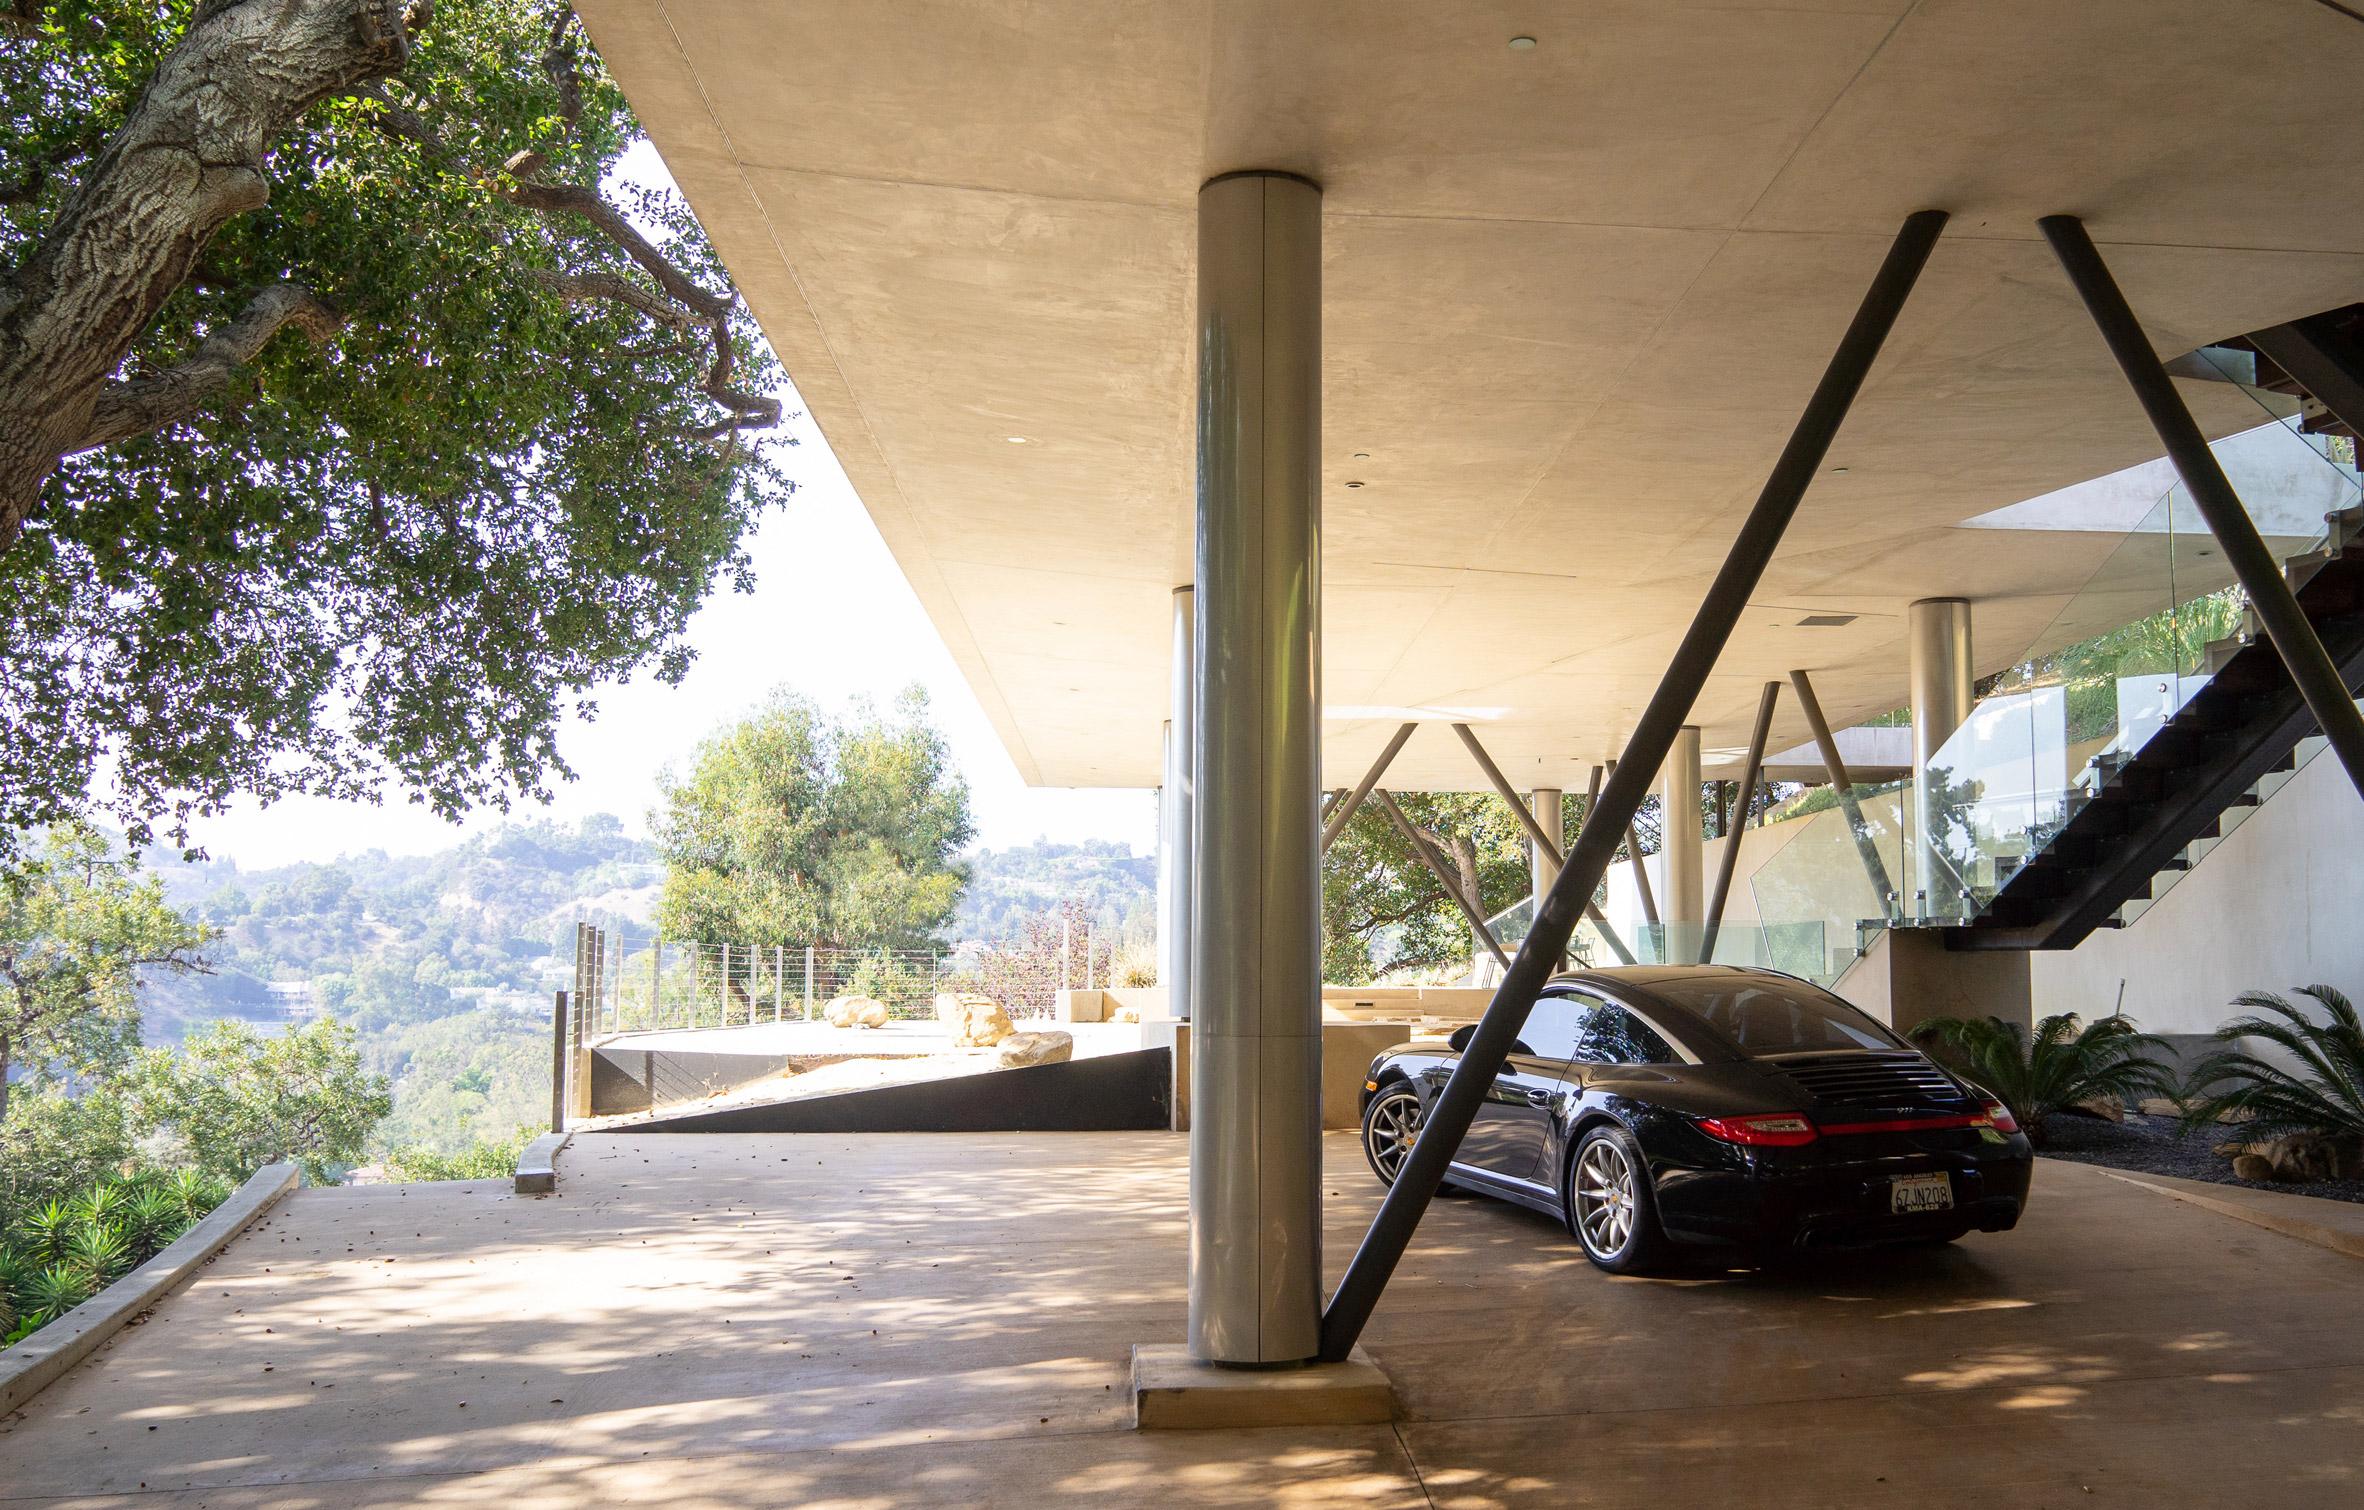 Parking space of Gerhard Heusch's Oak Pass Residence